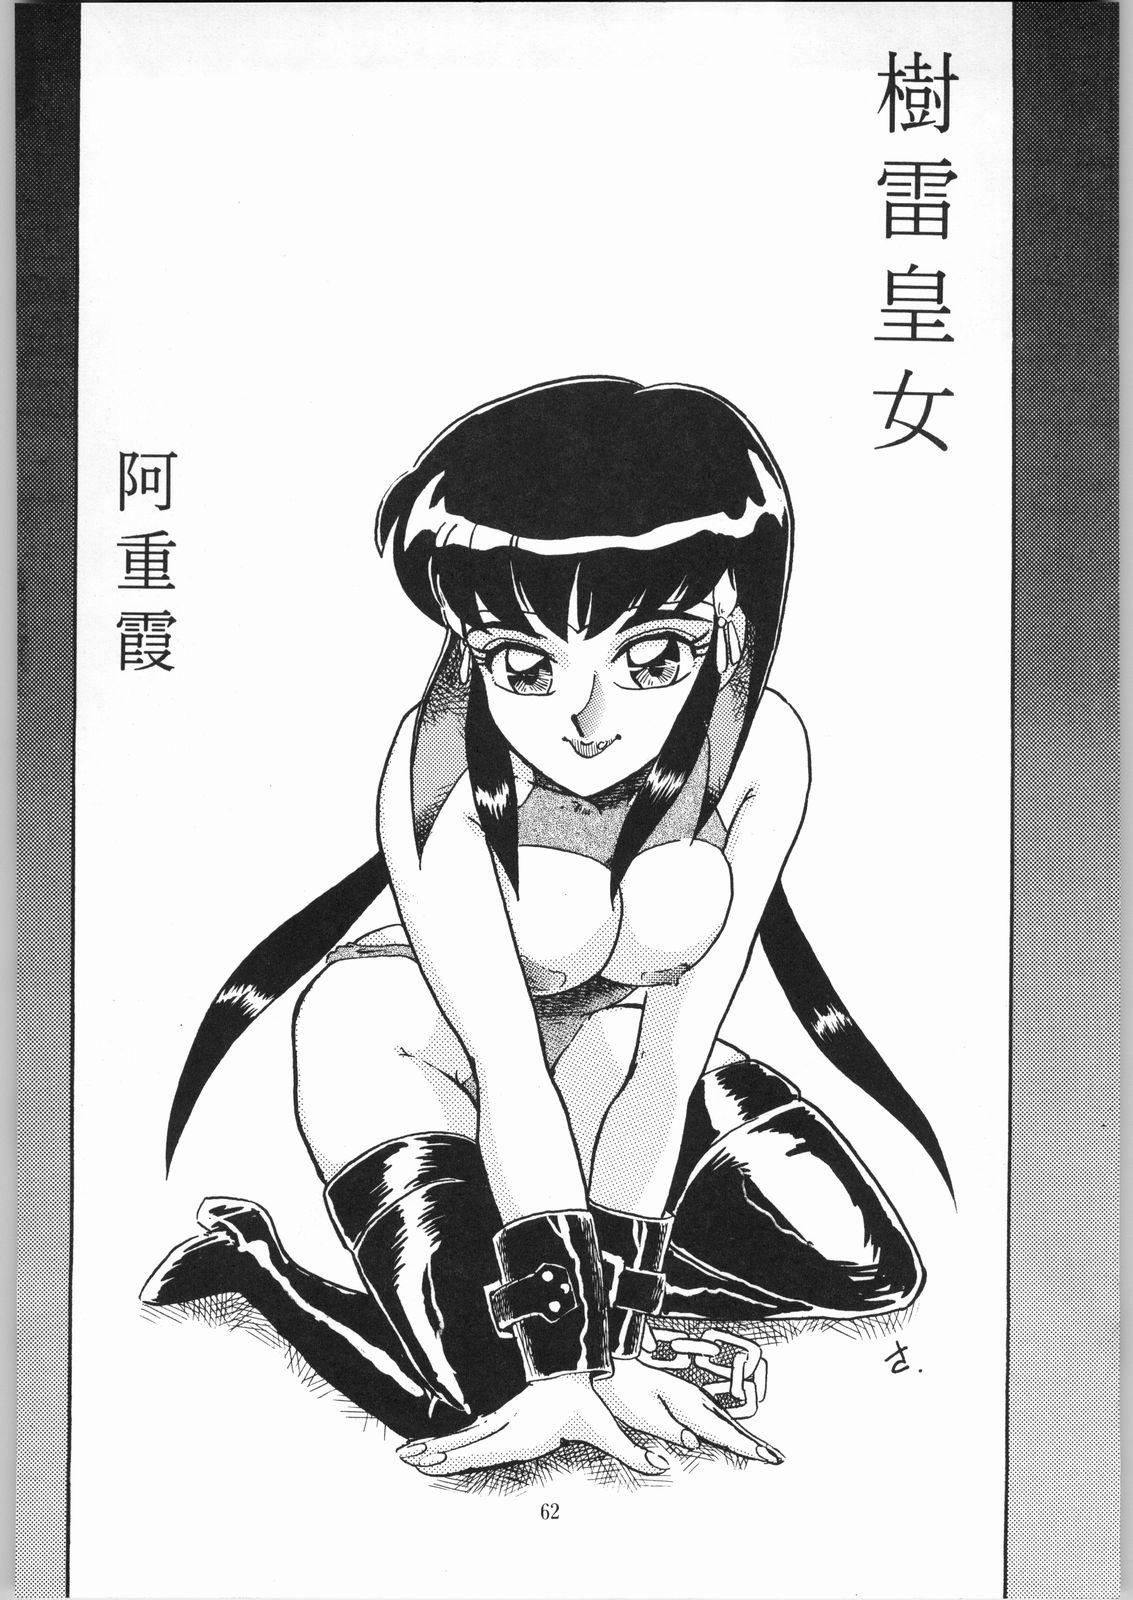 Jurai Nyan Nyan 60